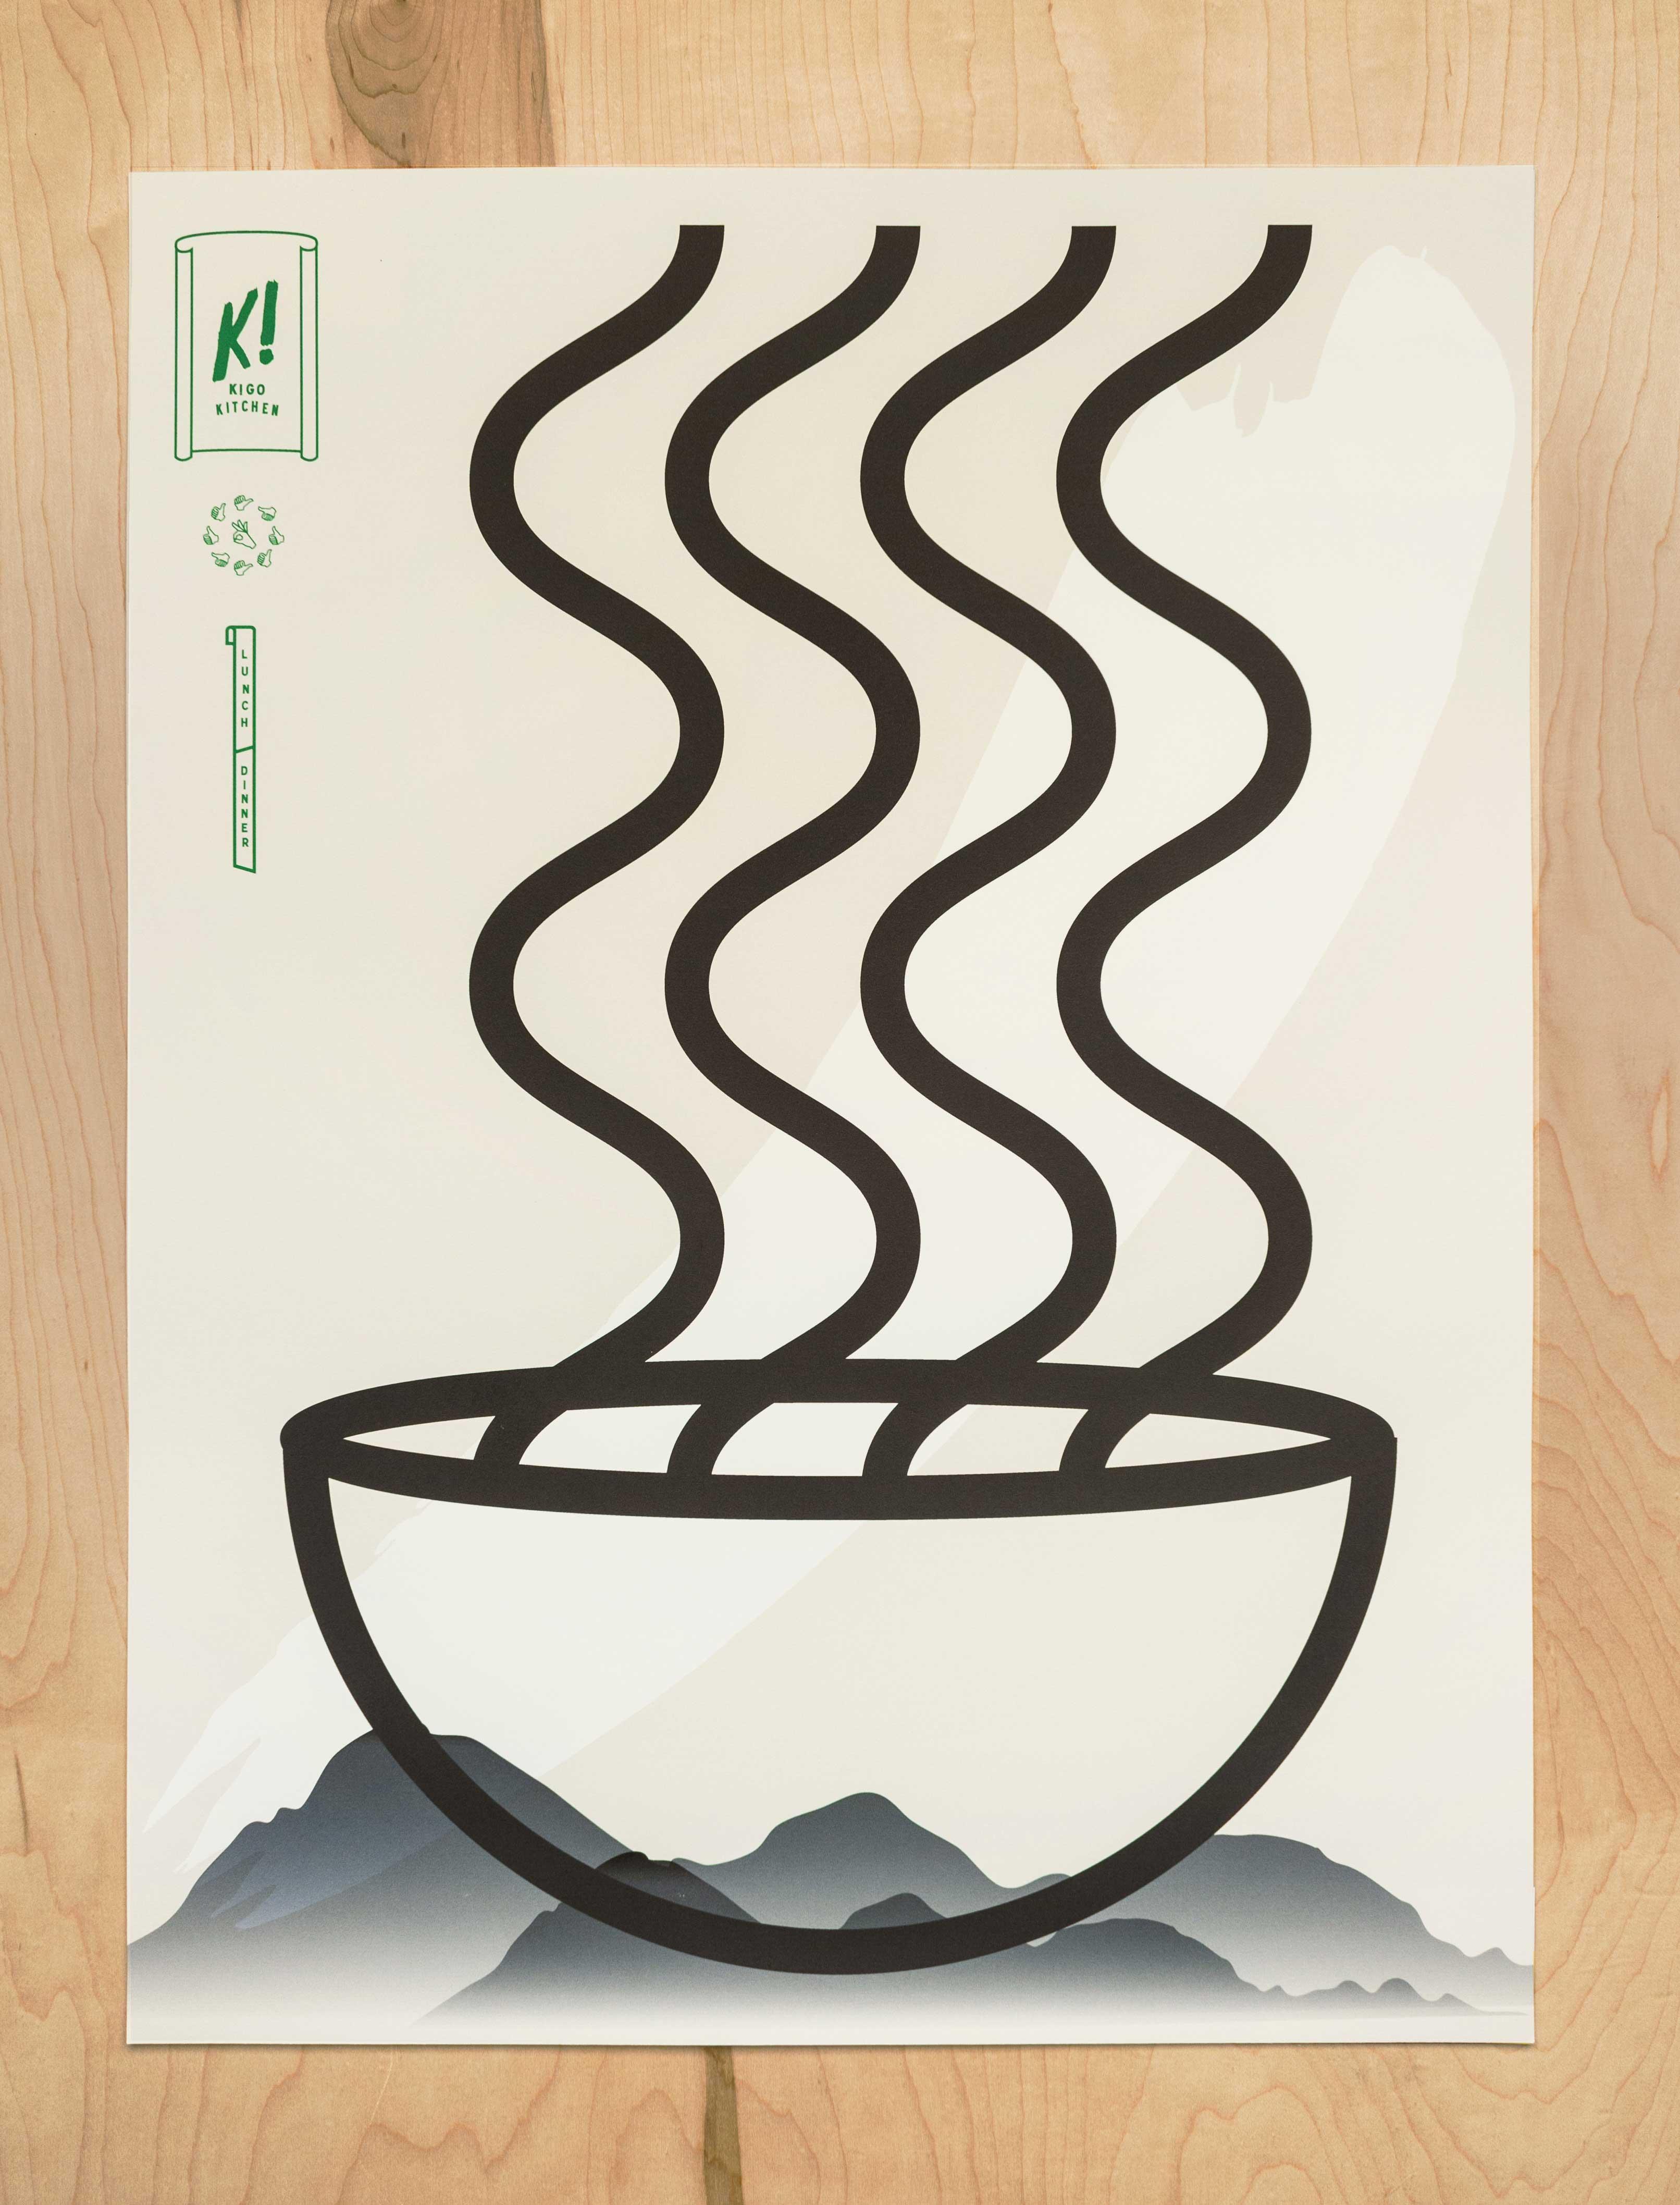 Kigo Kitchen Poster Series. 0. 1 ...